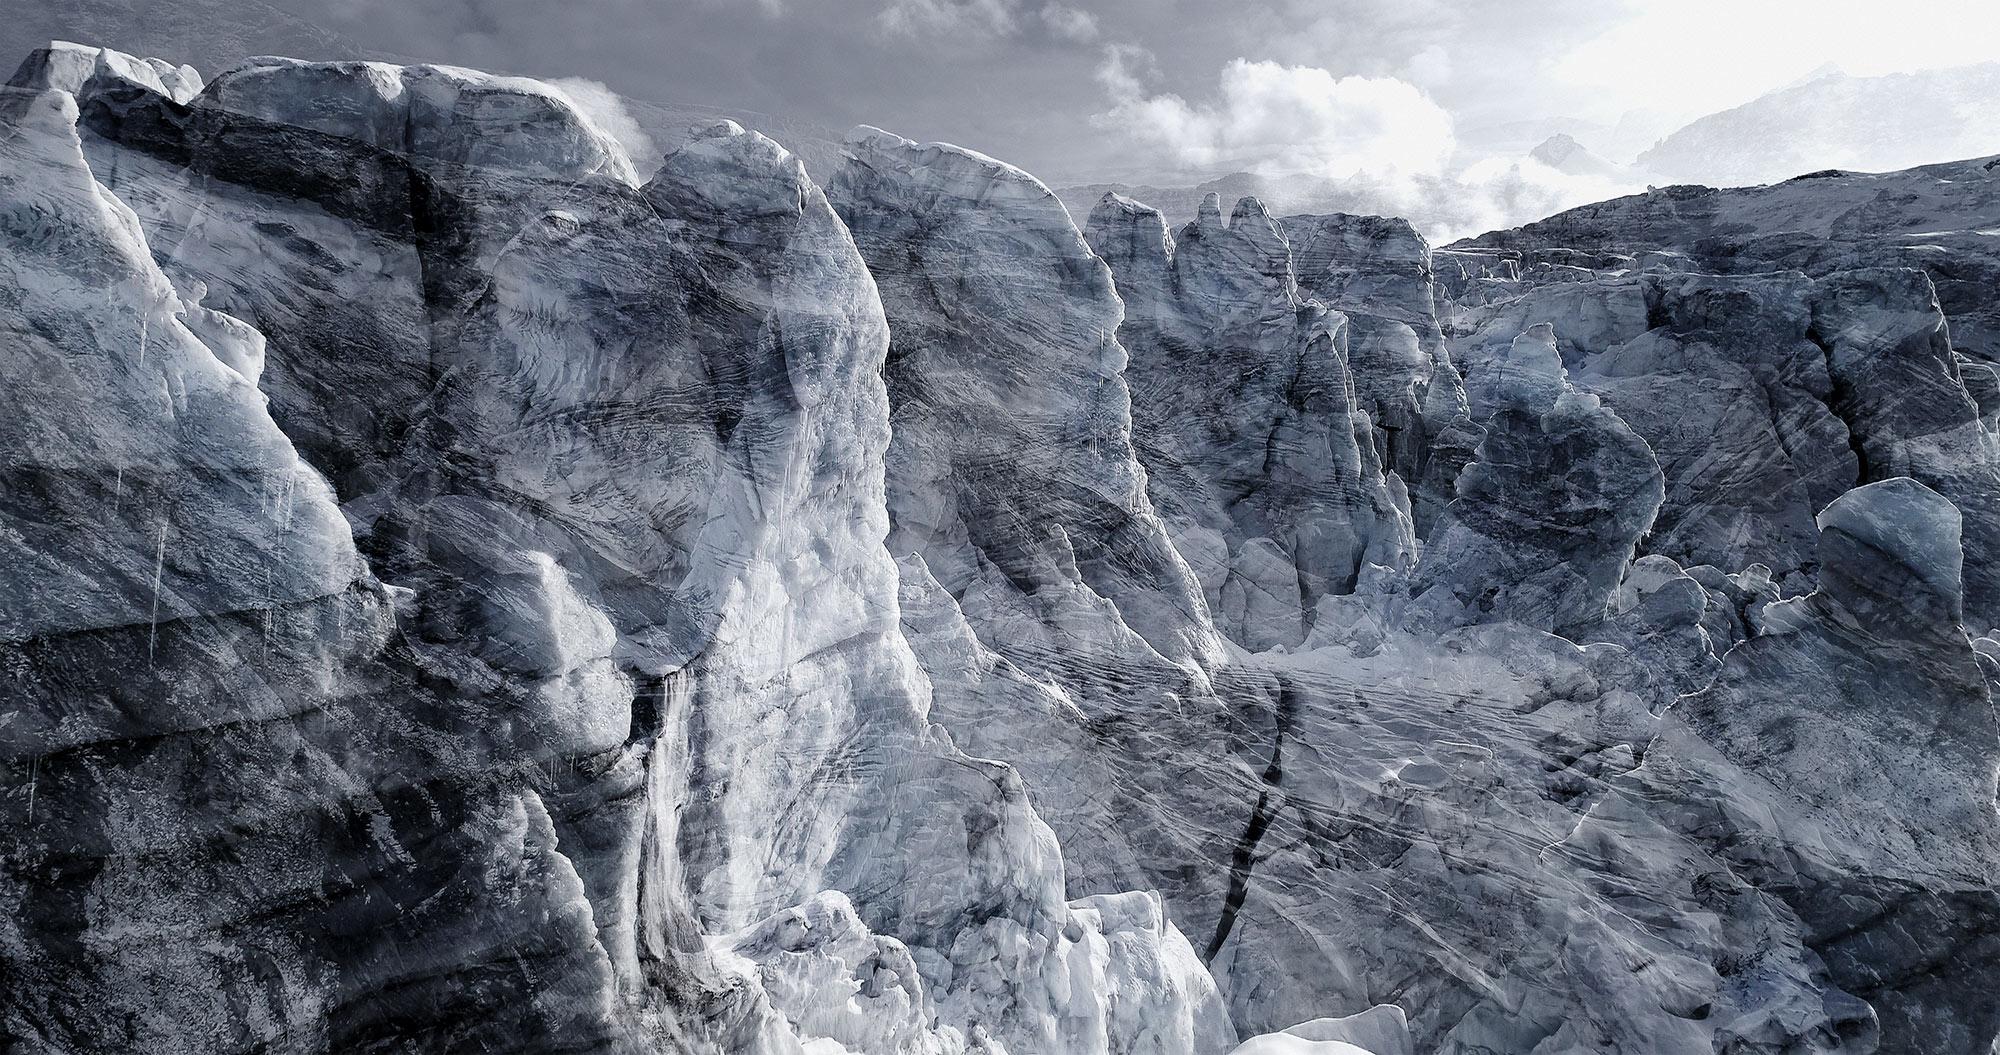 #40 Glaciers offset, 2017, photographie reconstruite à partir de bandes videos, réalisées sur le glacier de Ferpècle  #40 Glaciers offset, 2017, photographie reconstruite à partir de bandes videos, réalisées sur le glacier de Ferpècle